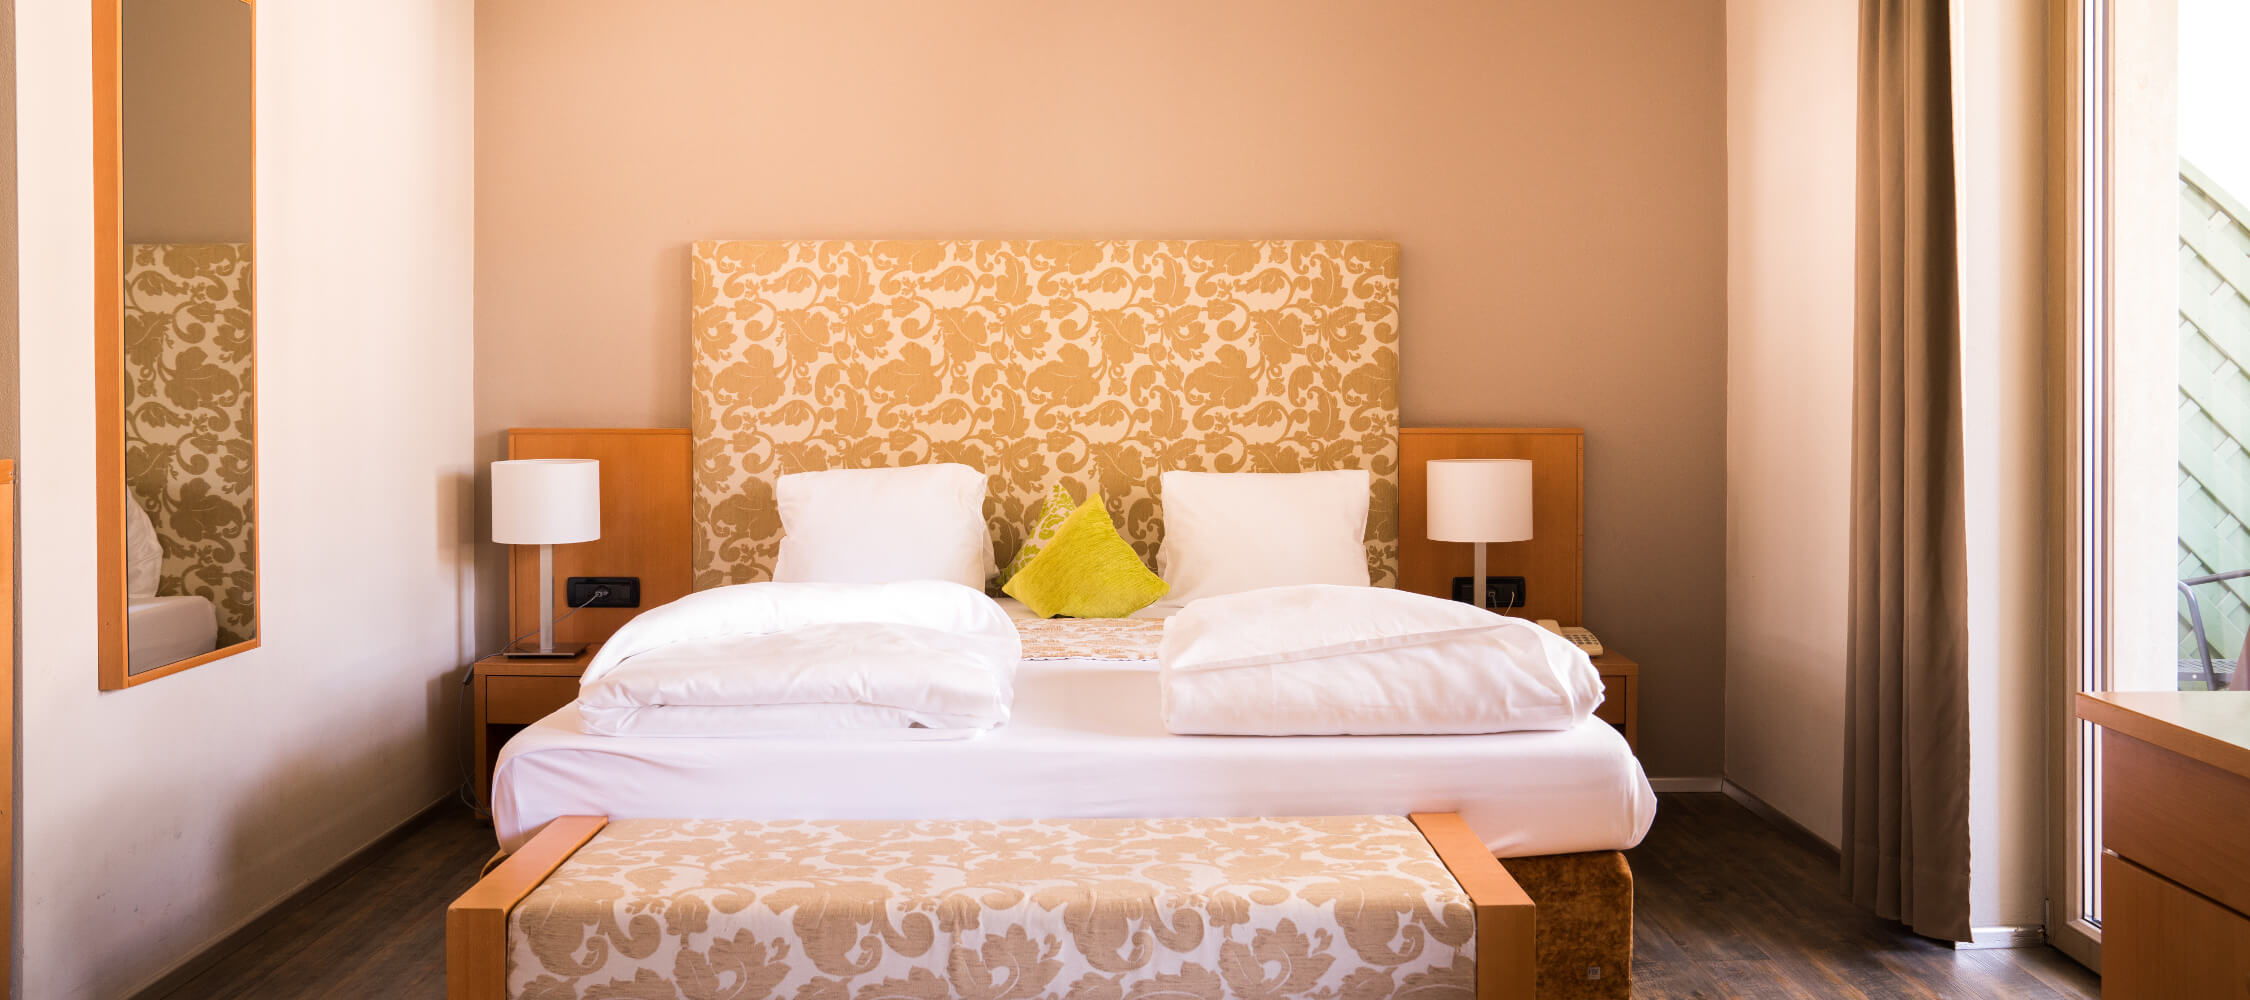 Hotel Flora, Meran, Suite Amaryllis, Balkon, für 4 Personen, Sitzecke, King Size Bett, WIFI gratis